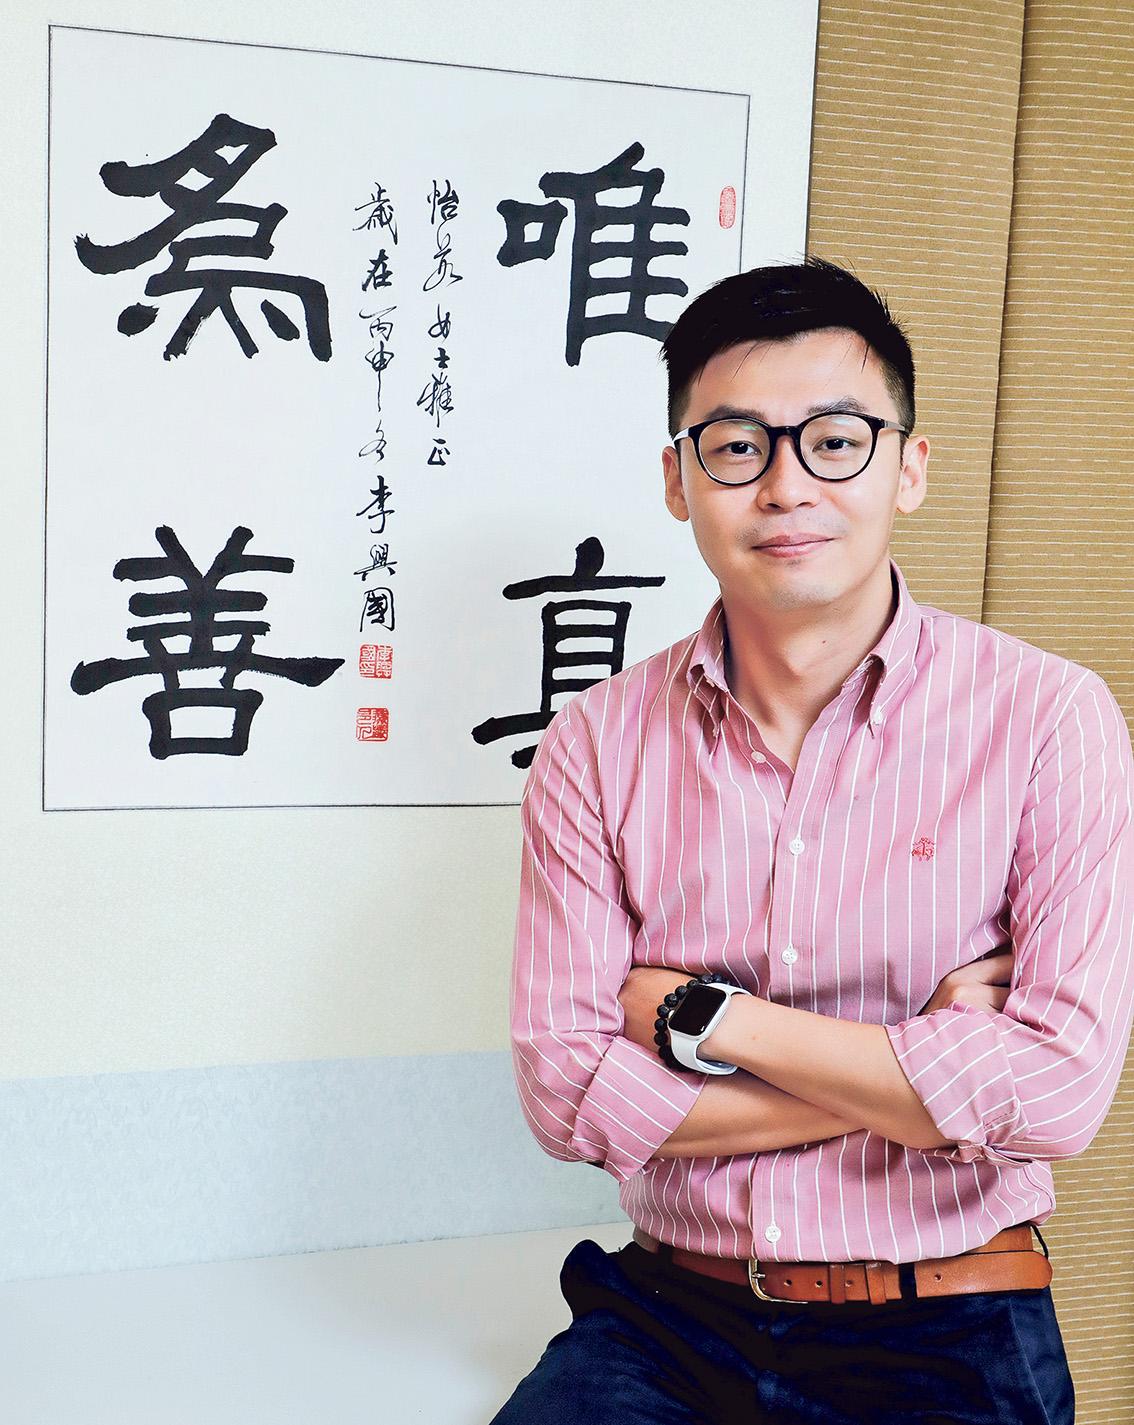 香港浸會大學傳 理學院新聞系助理教授、數據與媒 體傳播專修課程主任張引博士